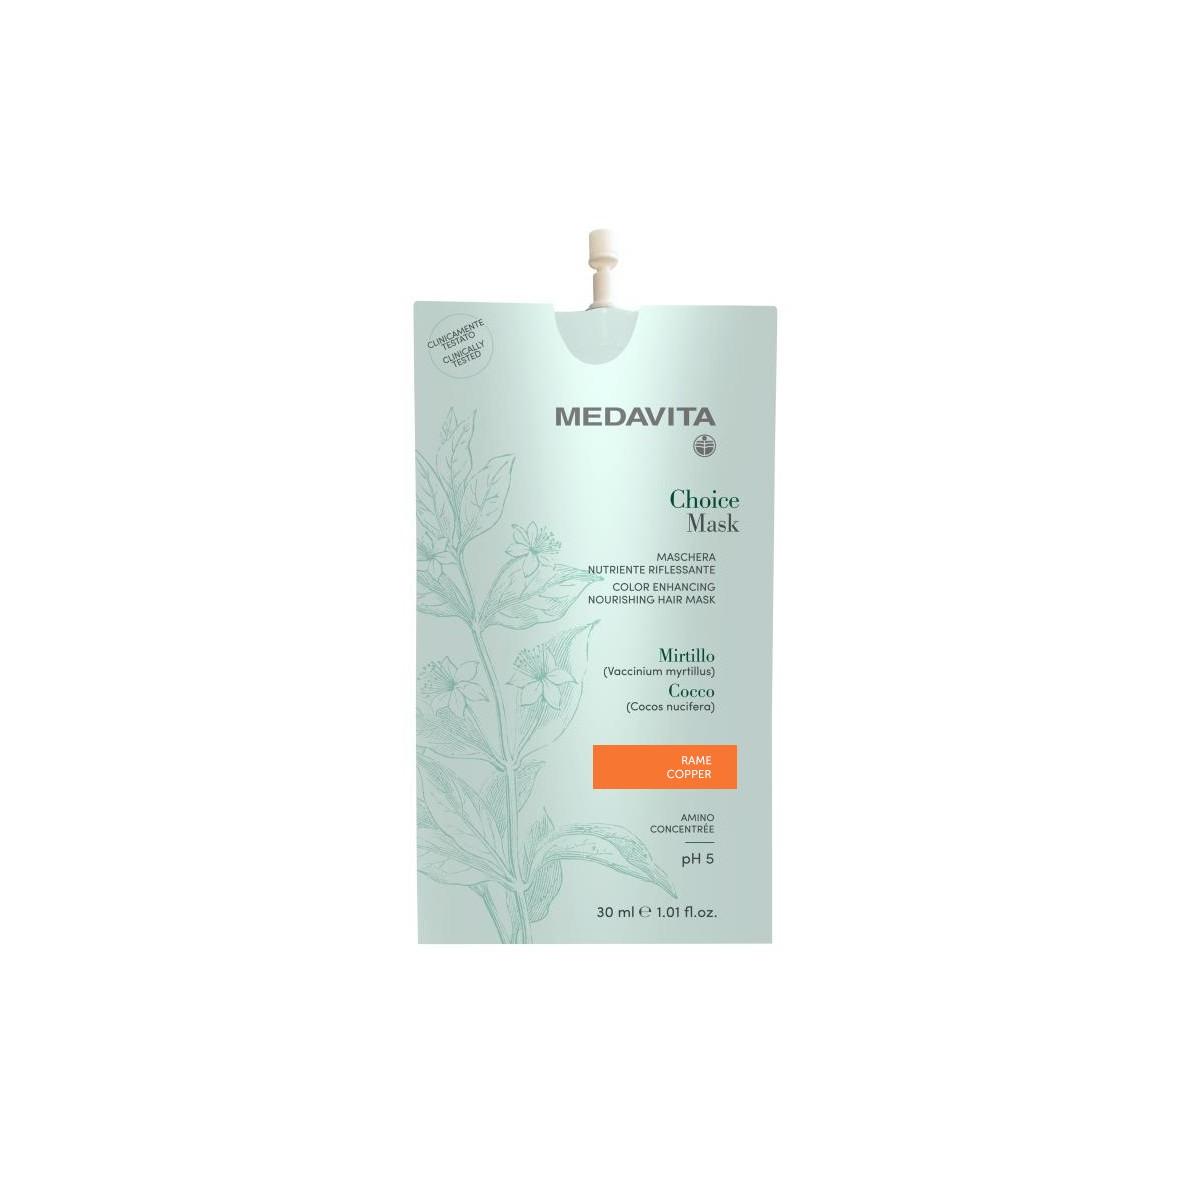 MEDAVITA Choice Mask Rame / Copper 30ml - Maska do włosów koloryzująca, zmieniająca kolor Miedziana